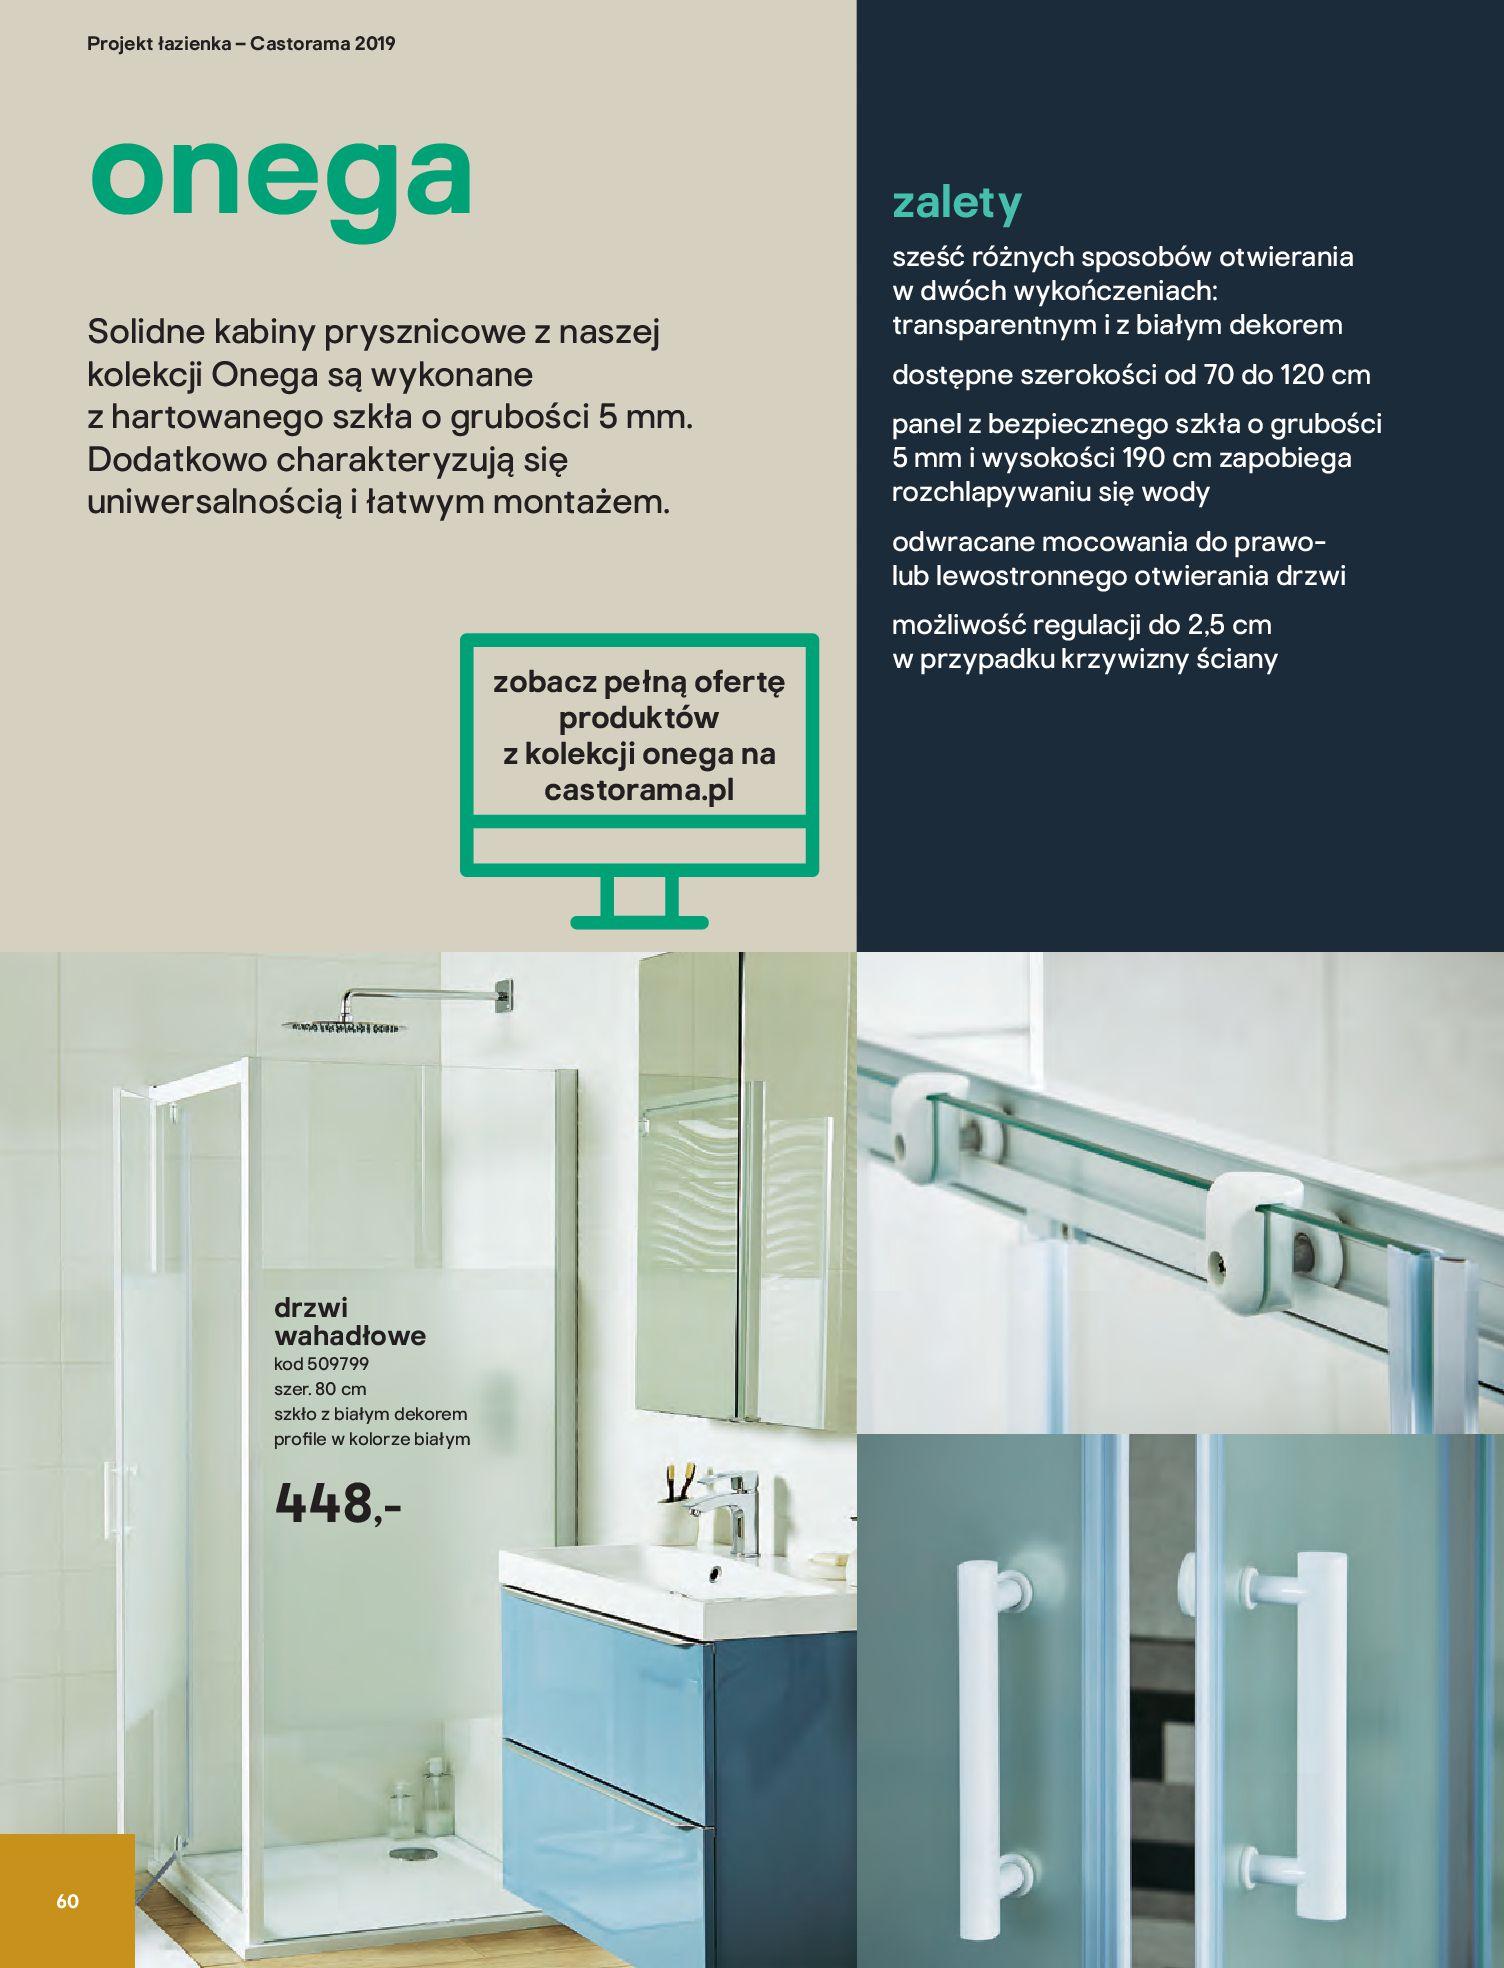 Gazetka Castorama Katalog łazienki 2019 Na Goodiepl